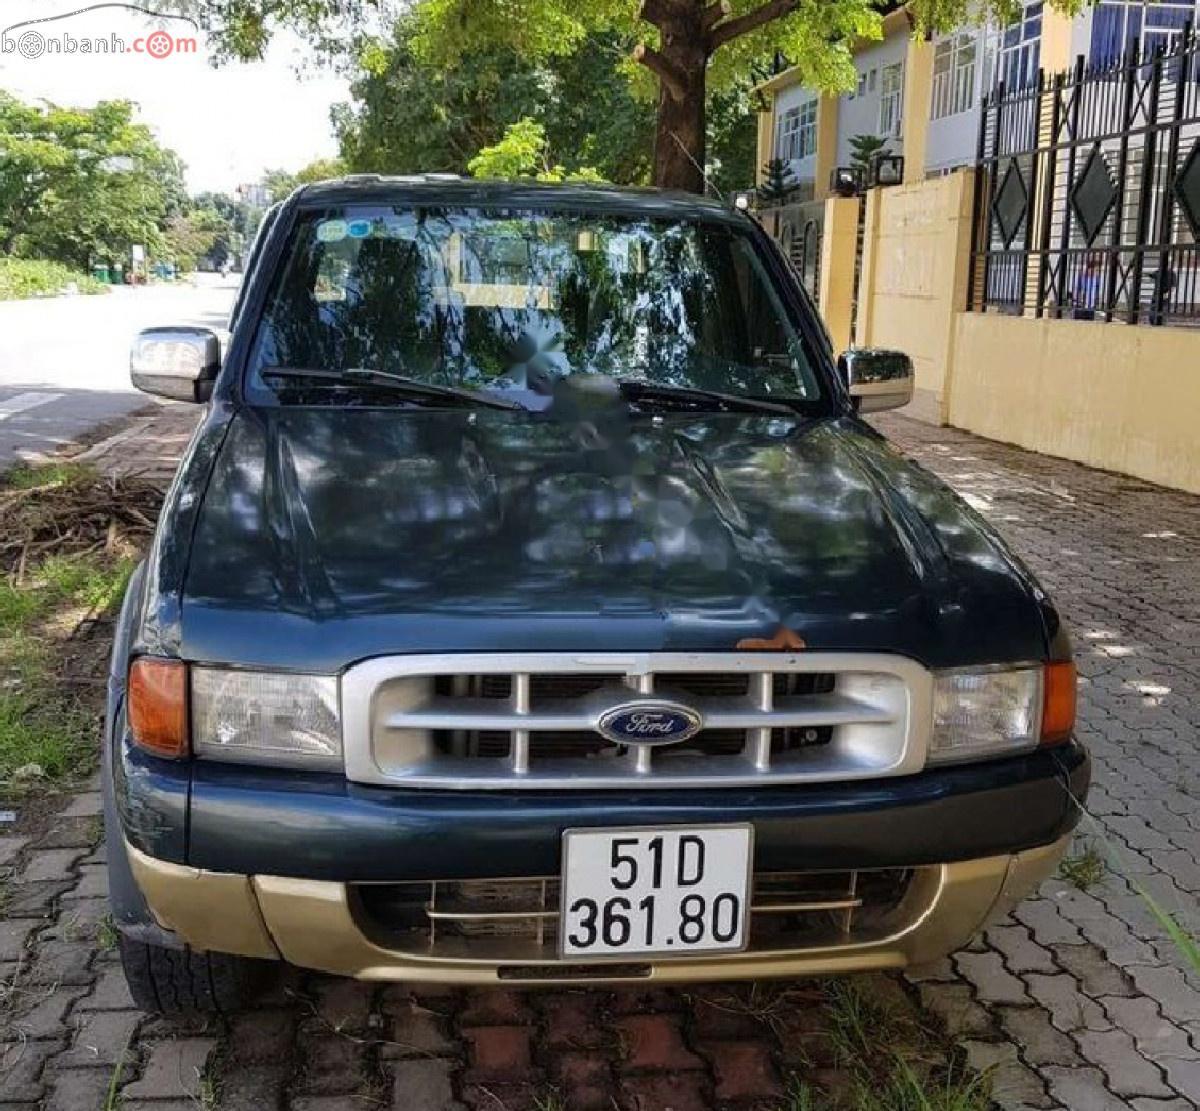 Bán xe cũ Ford Ranger XLT 4x4 MT sản xuất 2002, màu xanh lam